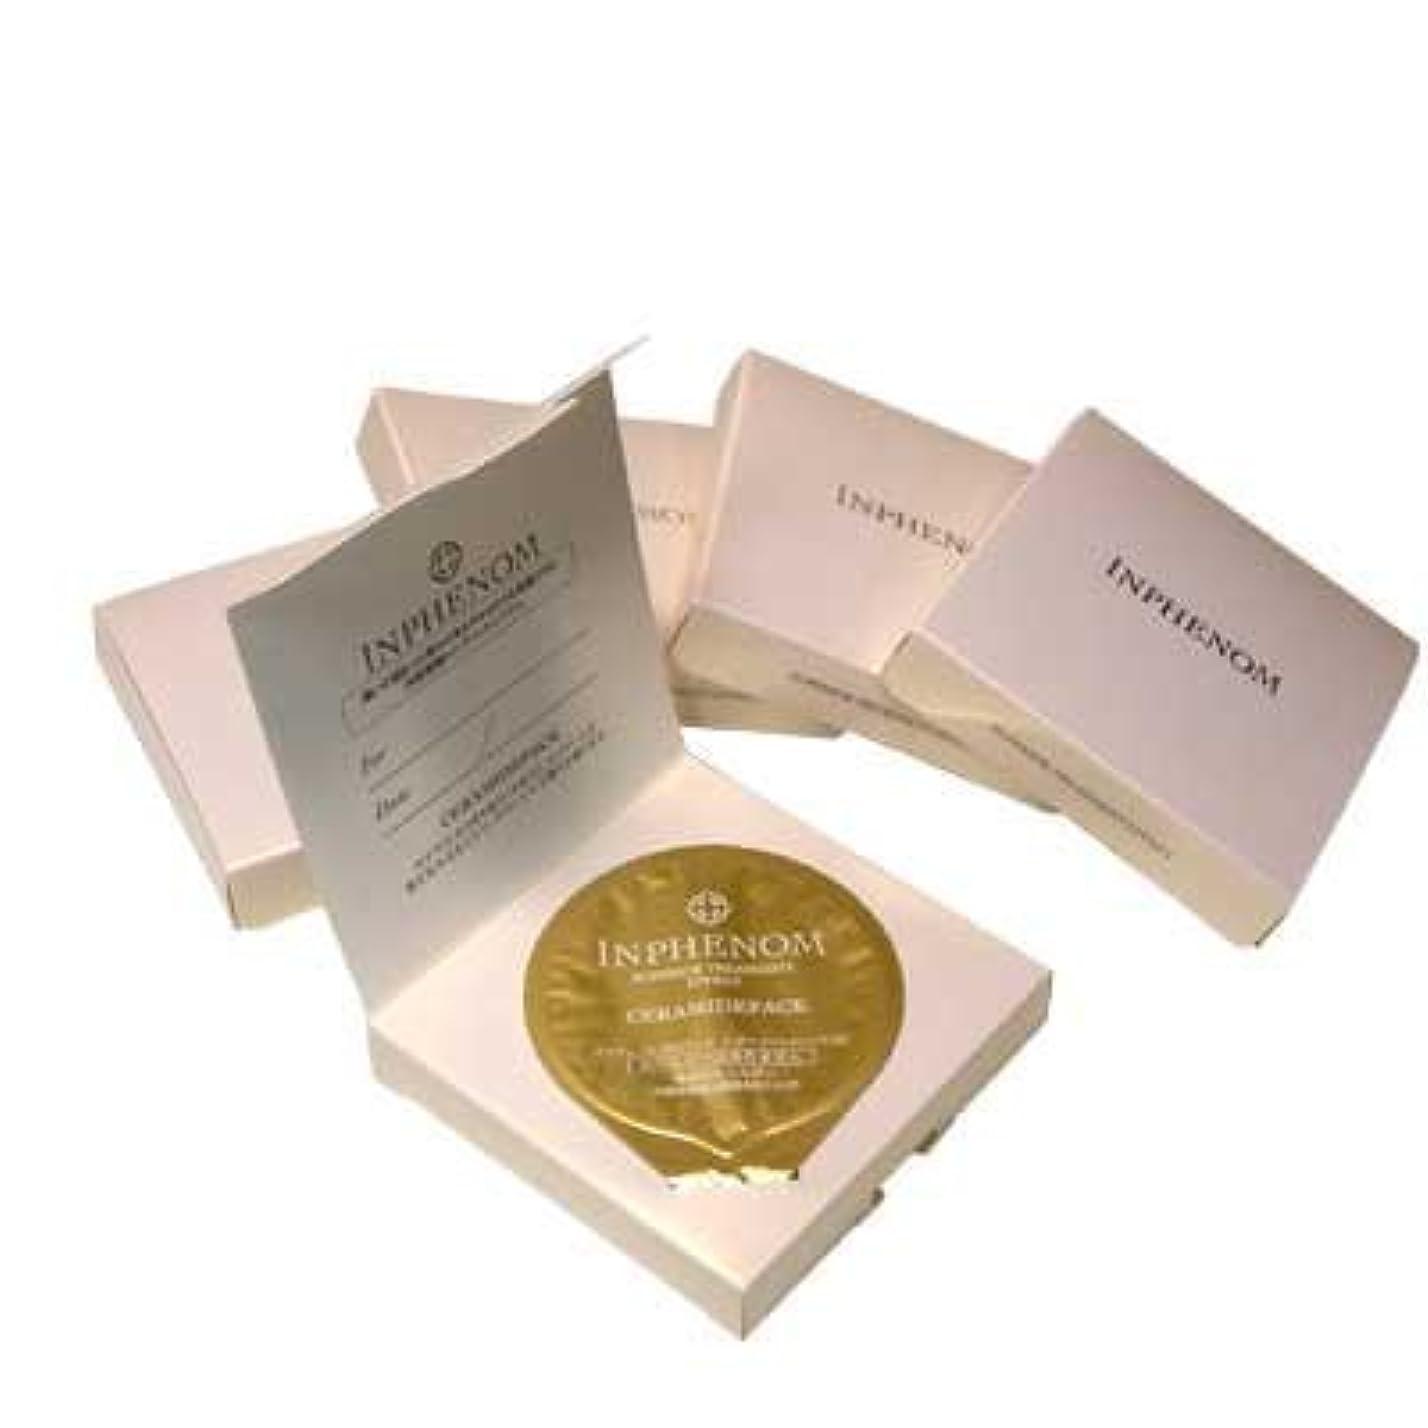 意識卒業酸度ミルボン インフェノム CMパック (セラミドパック) 12g ×5個セット